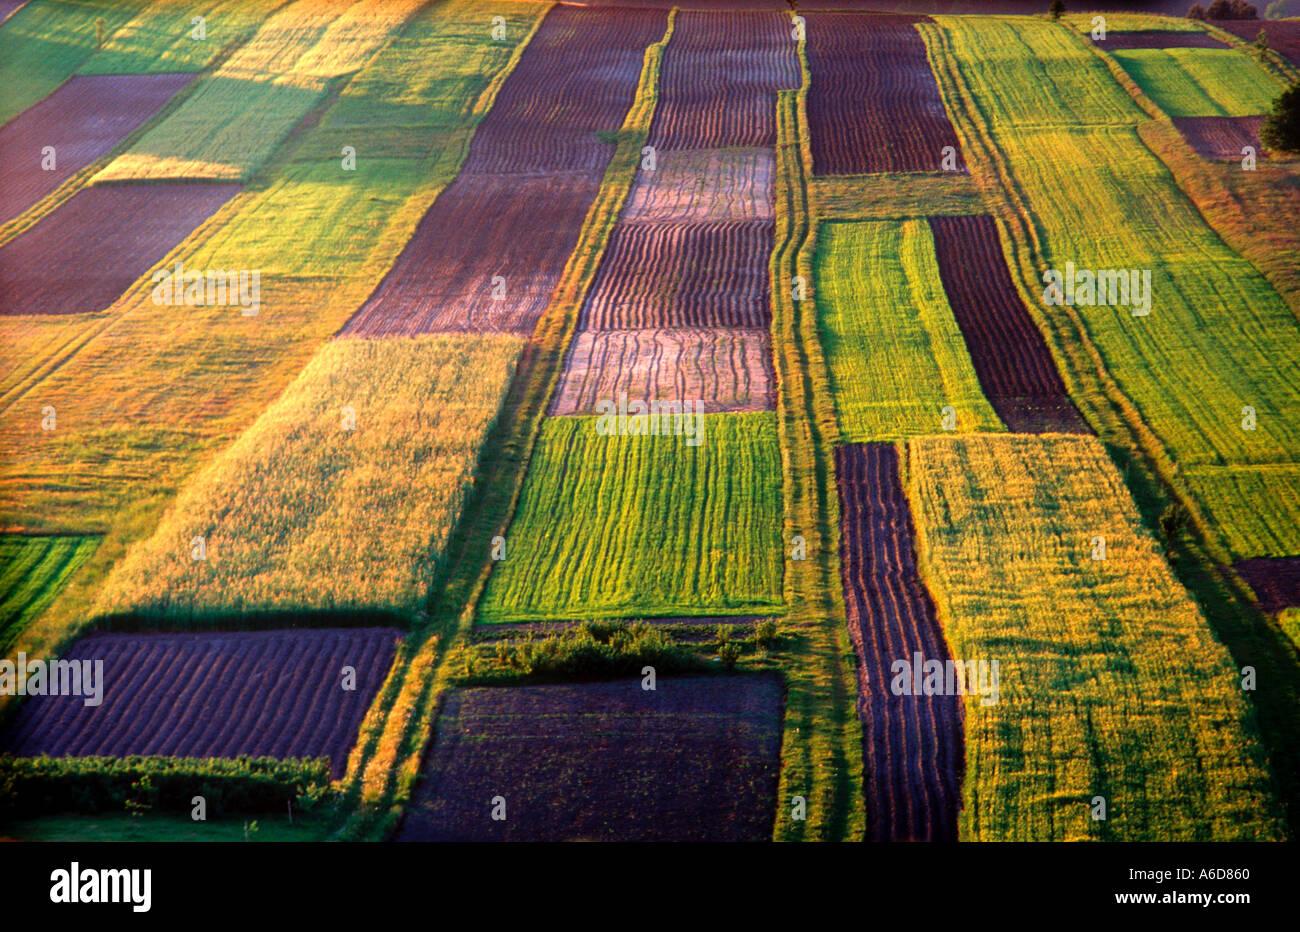 Fazenda orgânica do sudeste da Polónia Imagens de Stock